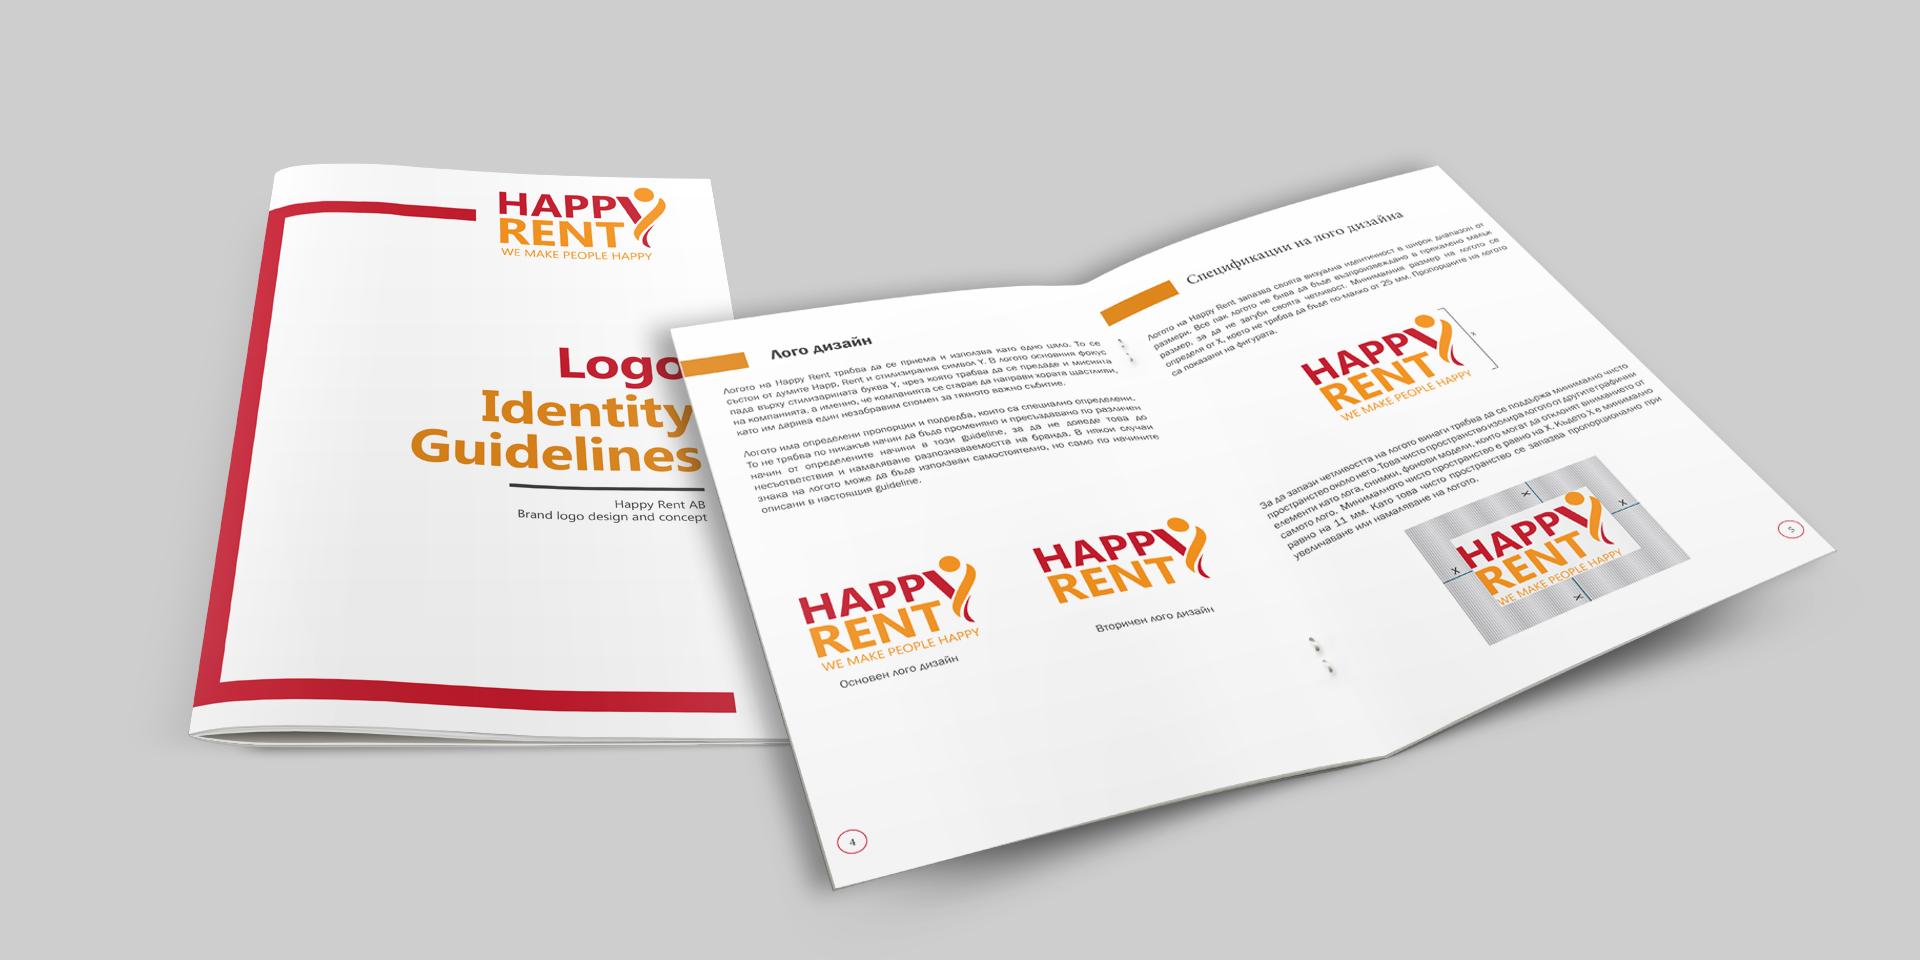 Лого дизайн guideline за Happy Rent